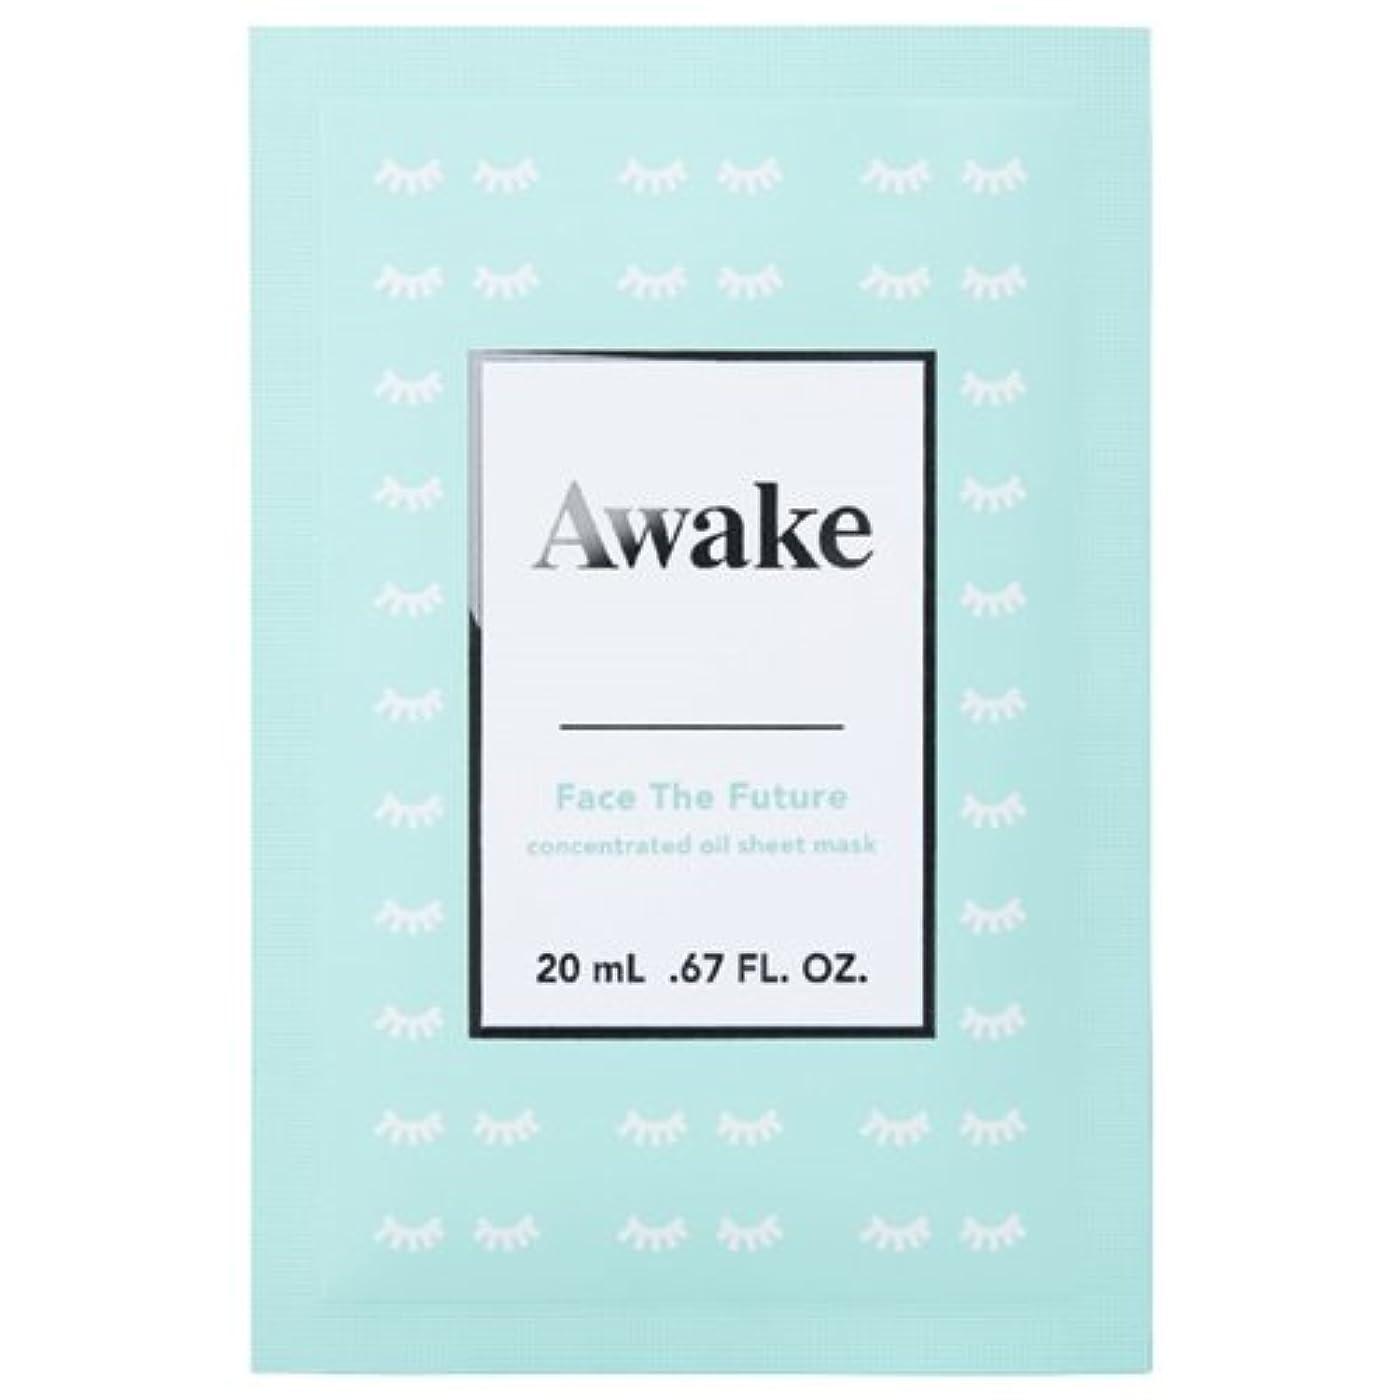 魔術師コンソール階下アウェイク(AWAKE) Awake(アウェイク) フェイスザフューチャー コンセントレイティッド オイルシートマスク (20mL × 6枚入)